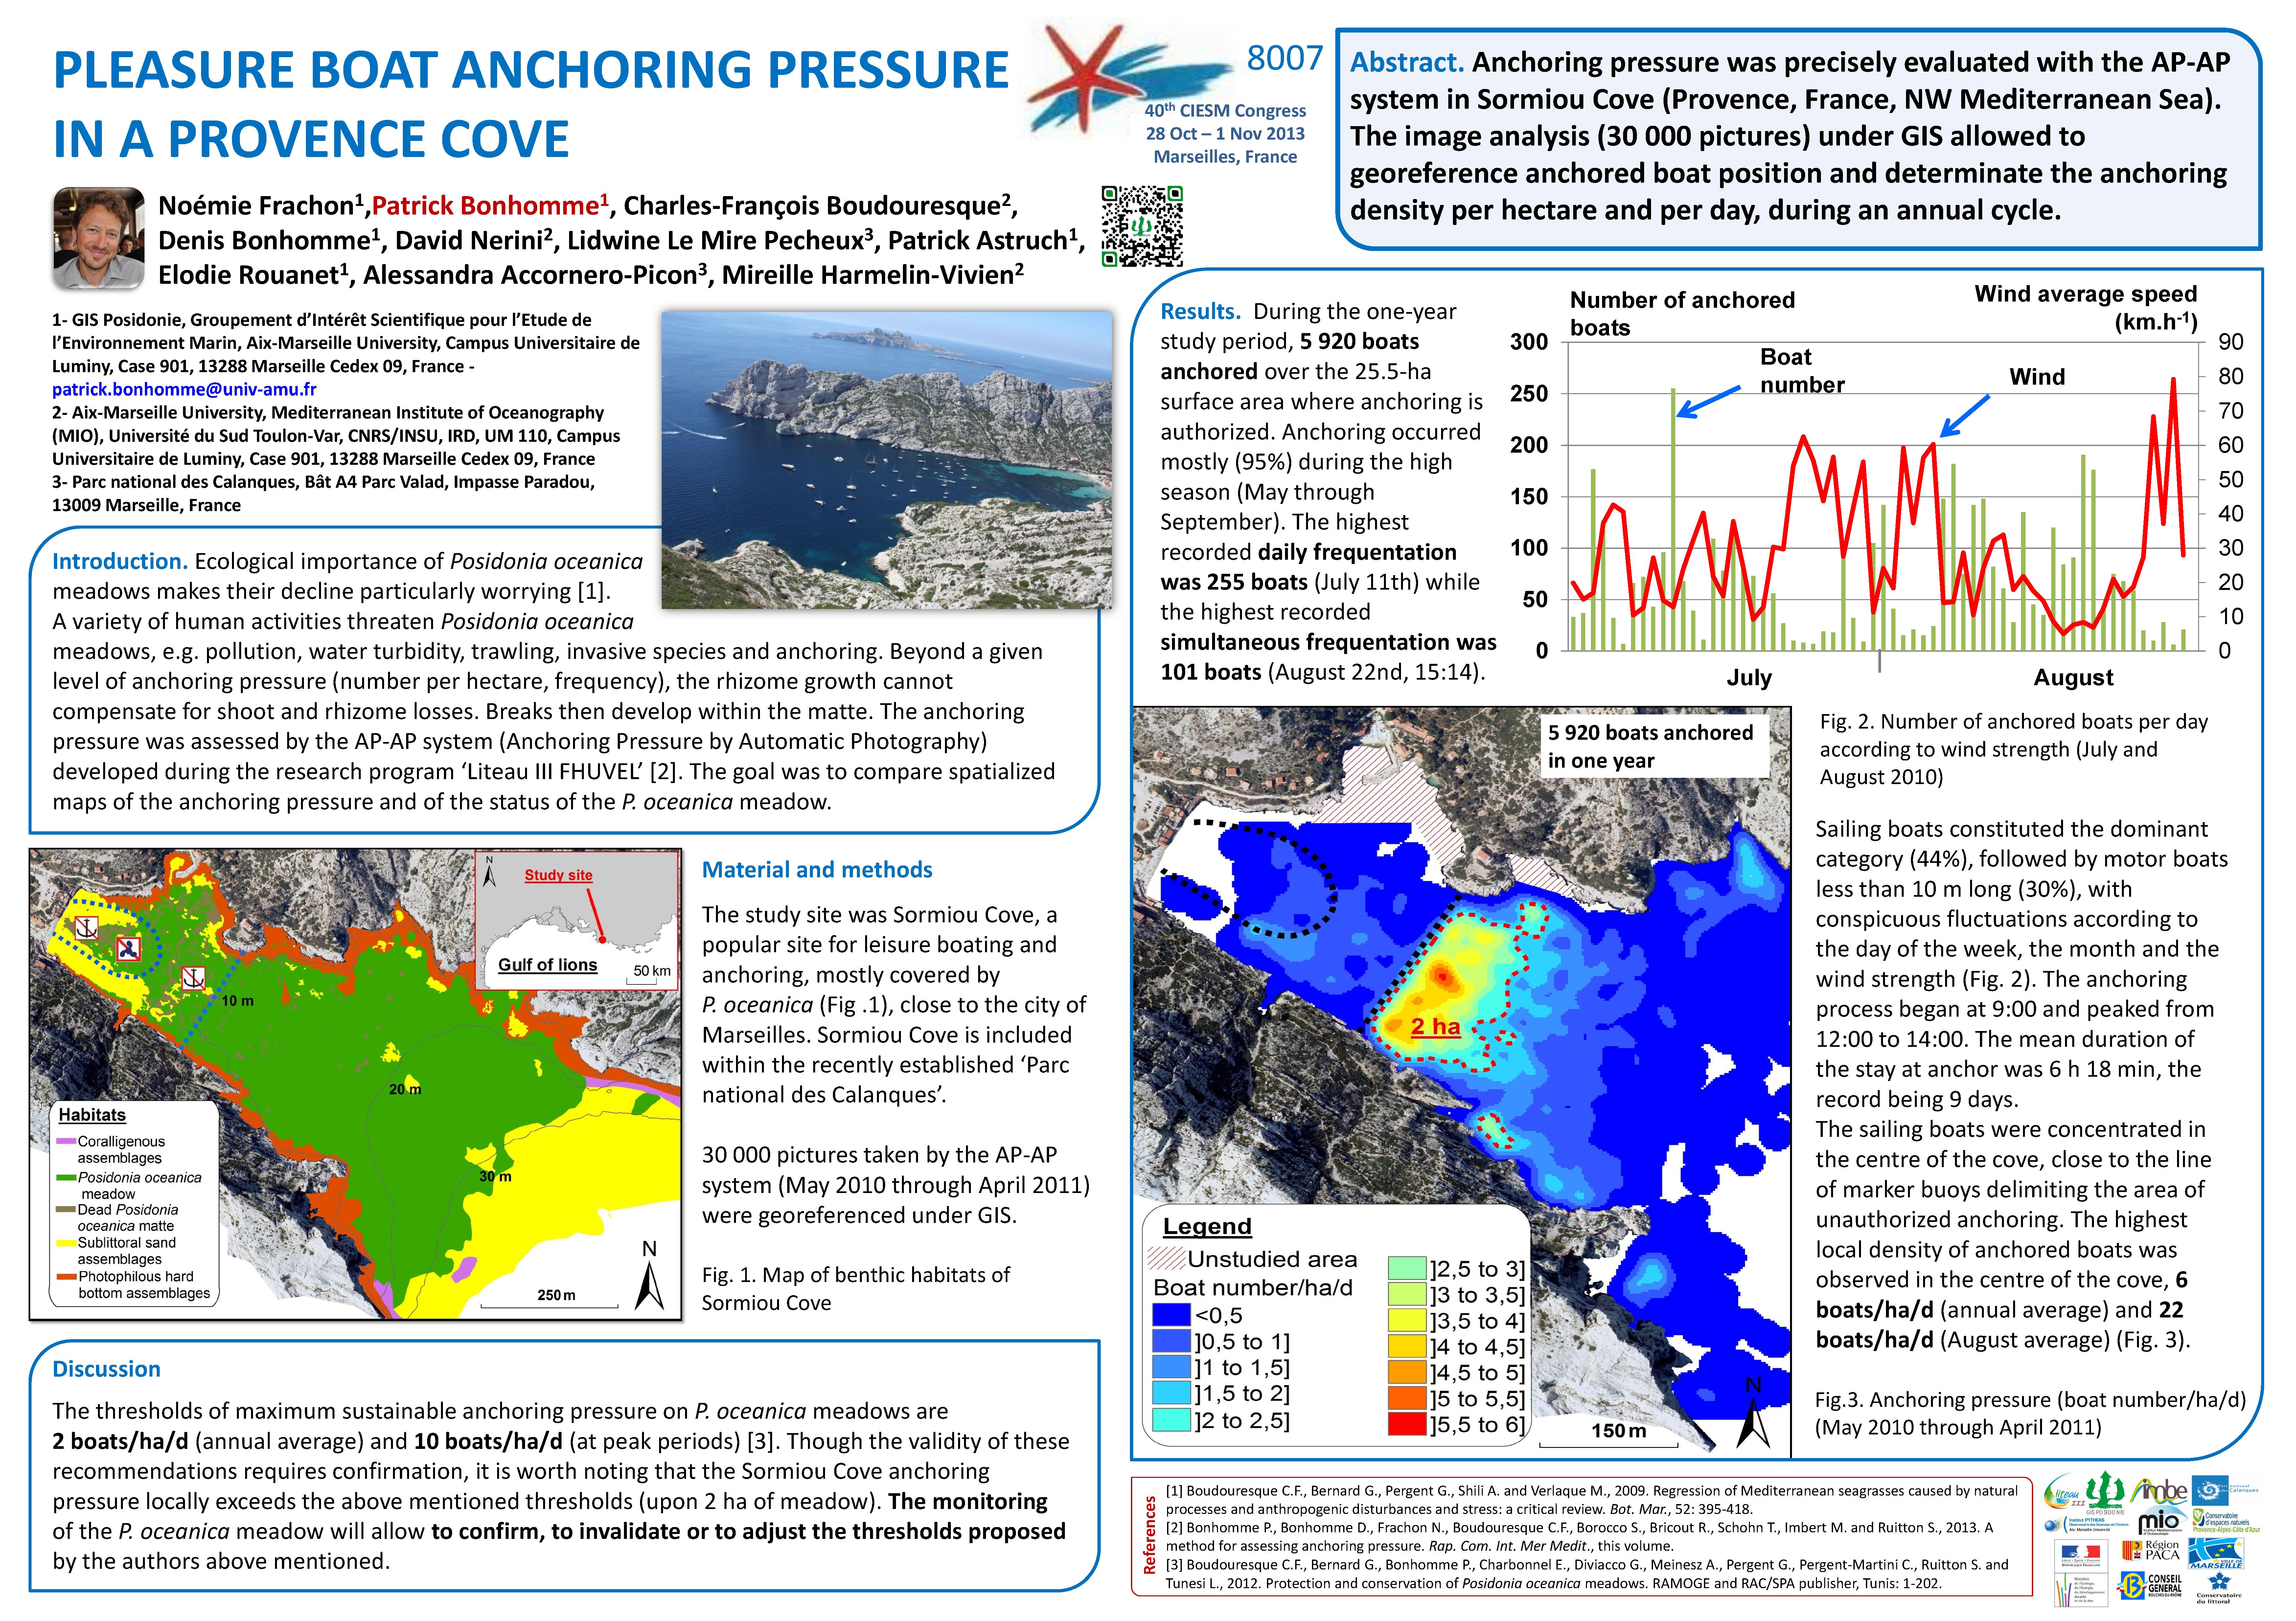 Frachon_al2013_Pleasure_boat_anchoring_pressure_Poster